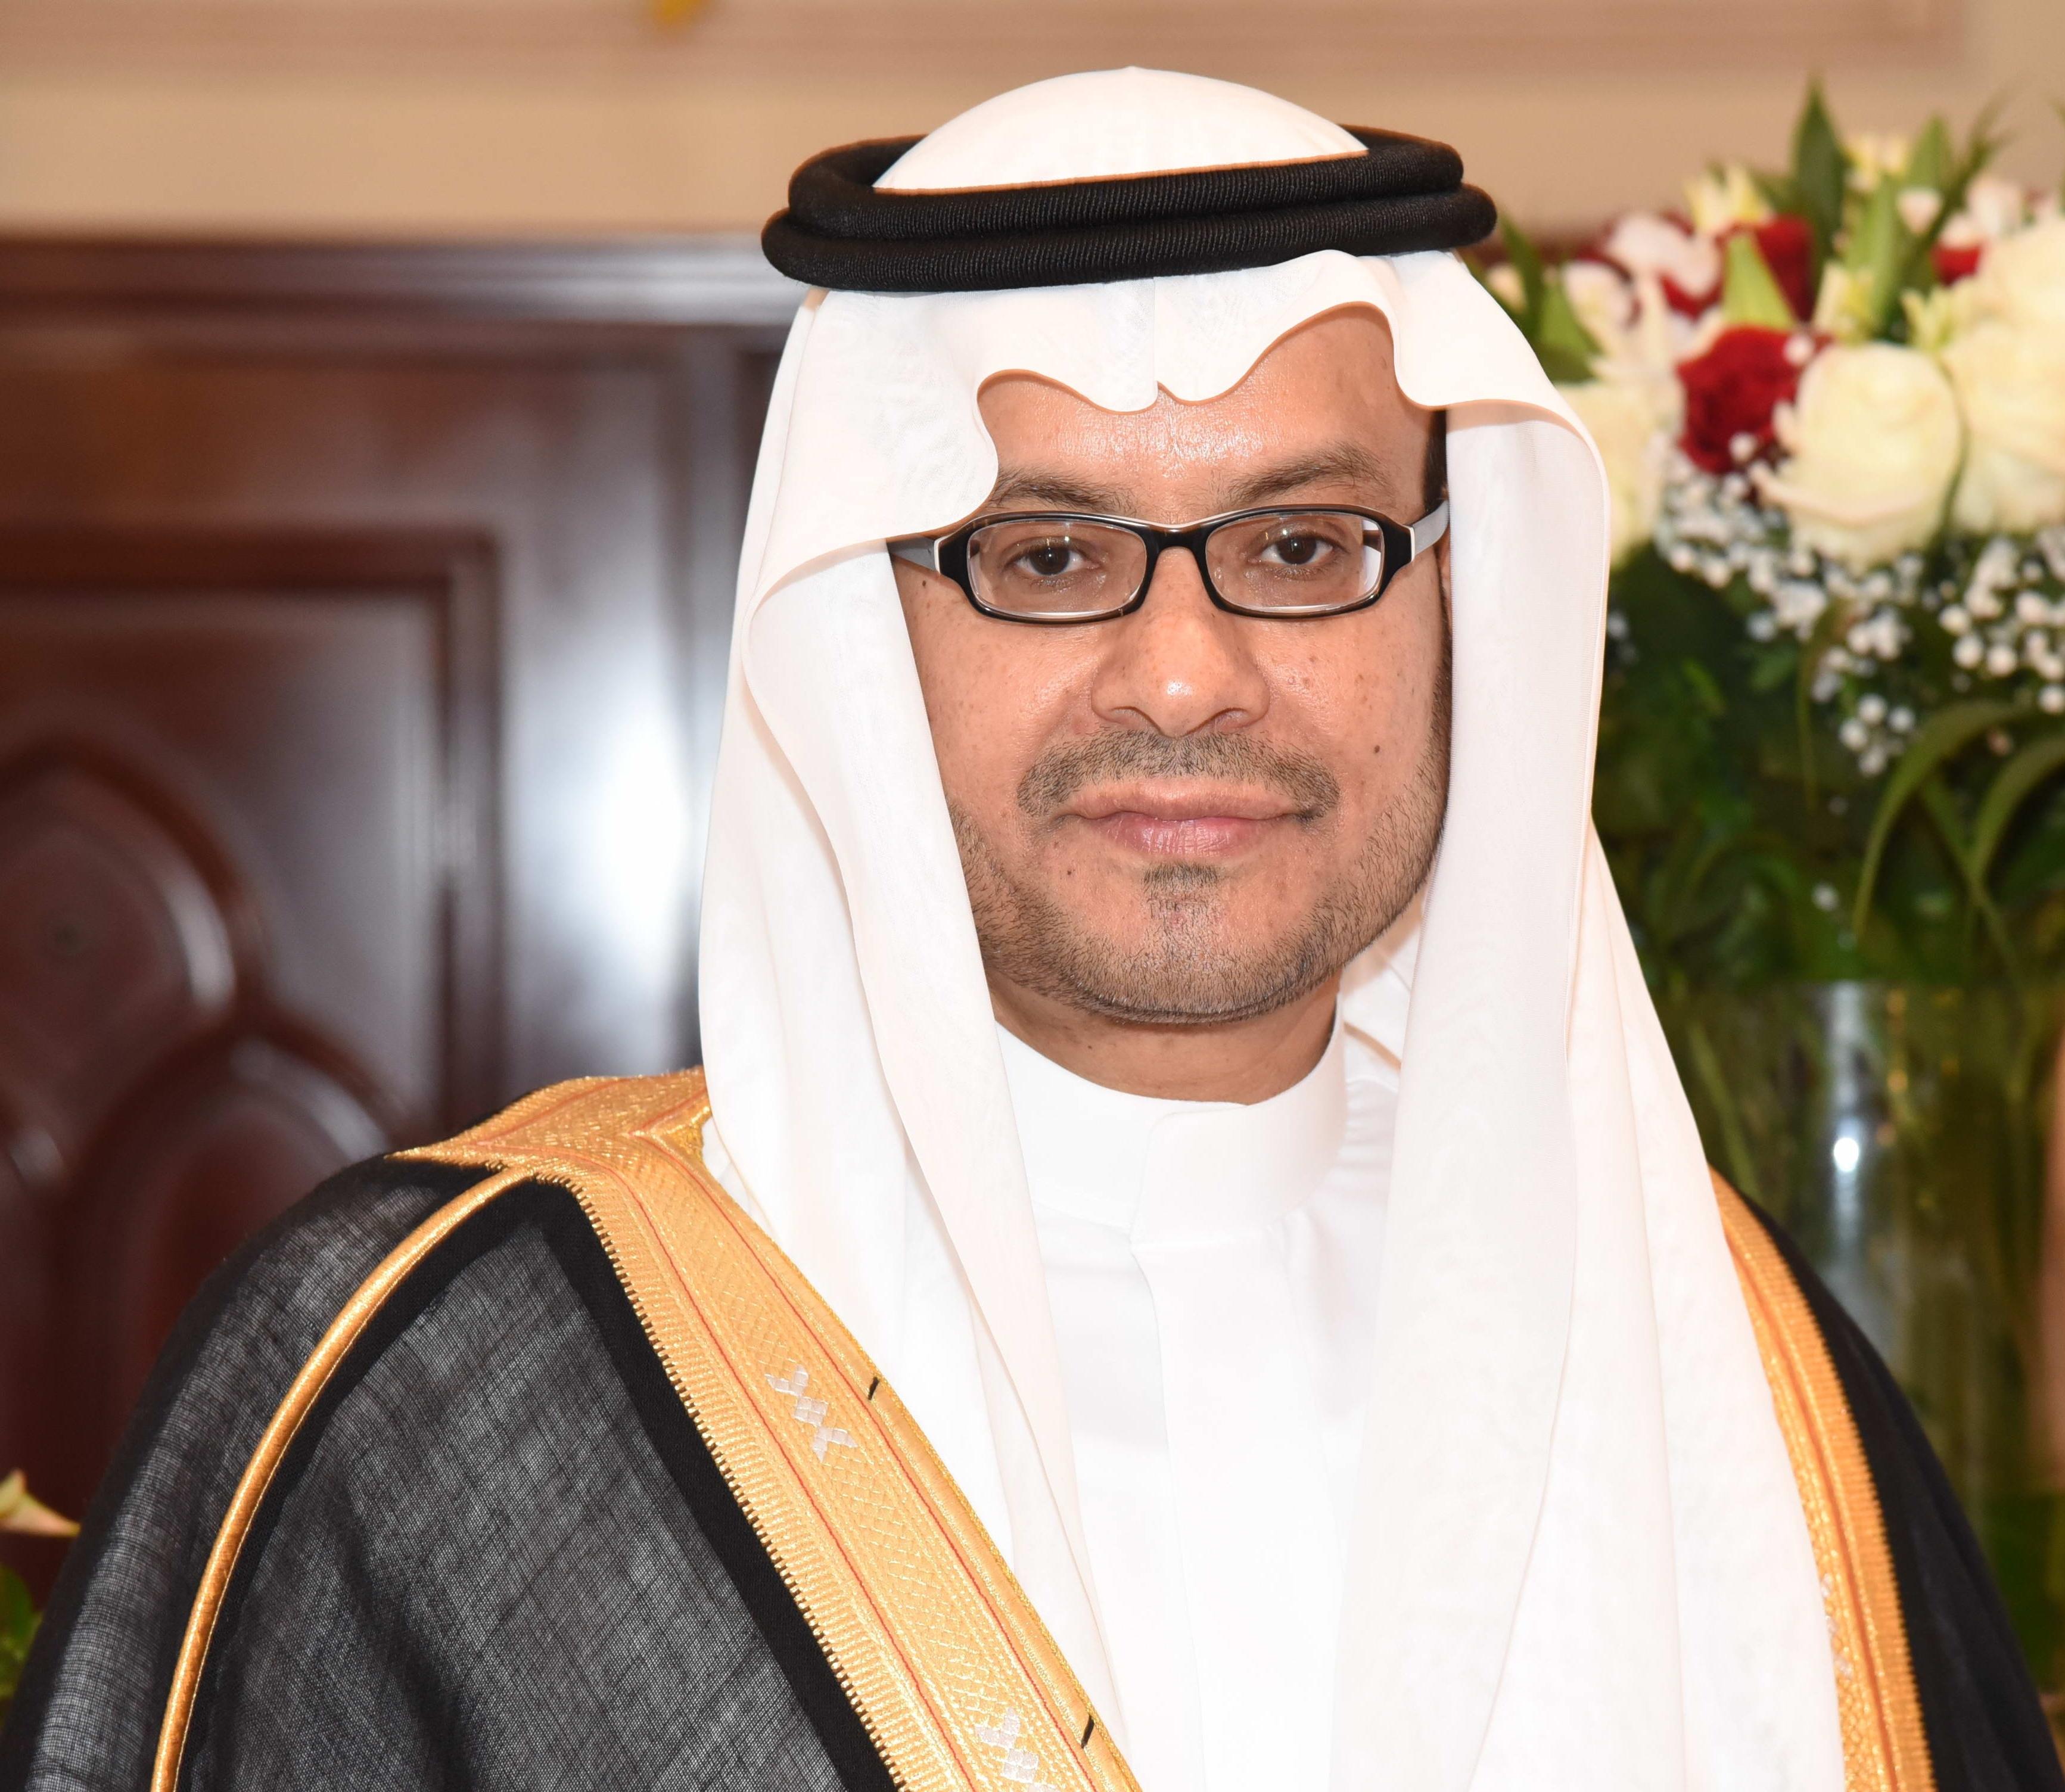 السفير السعودي: أواصر قوية من العلاقات مع السلطنة